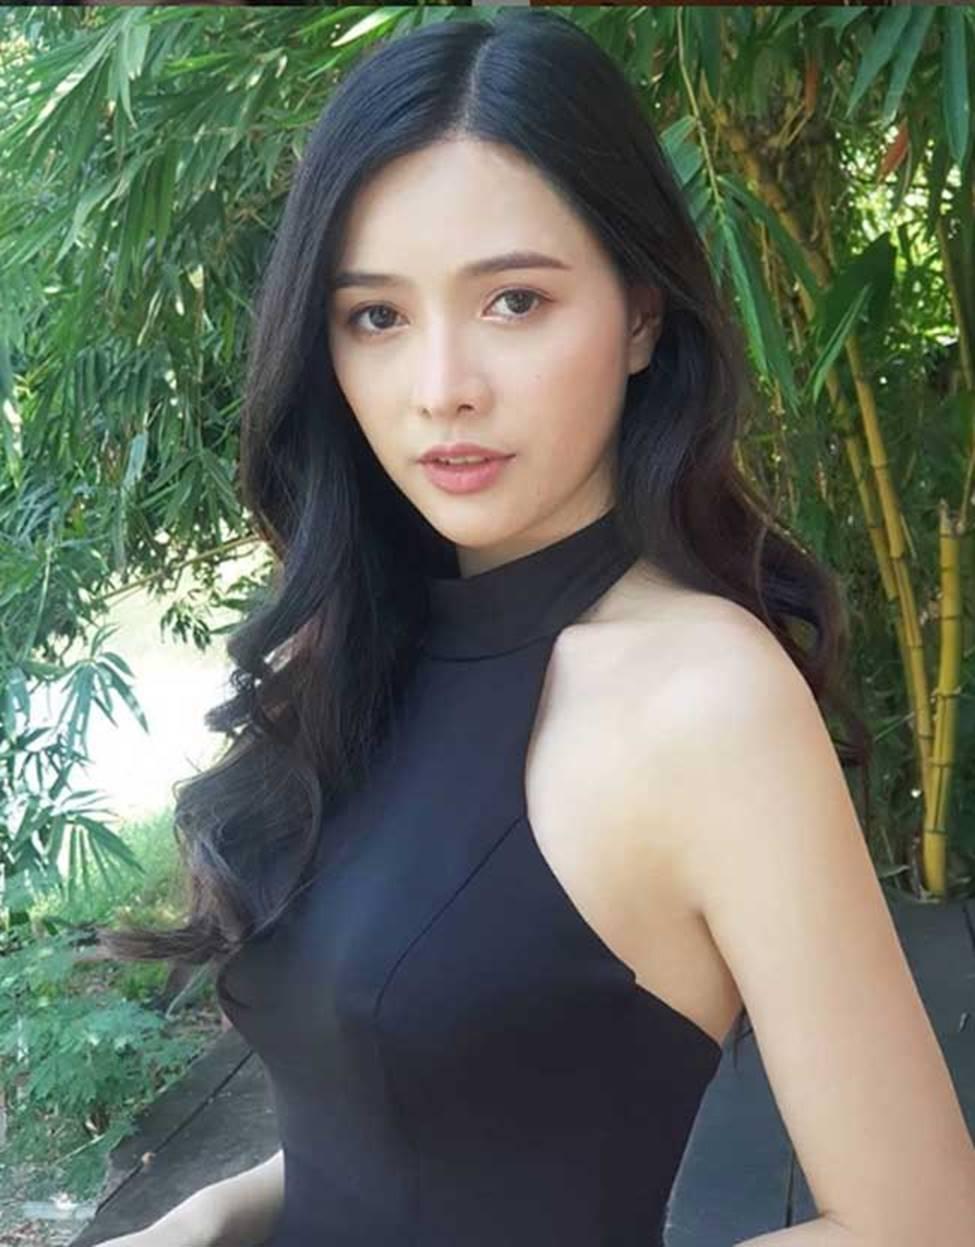 2 cô gái Lào đẹp tuyệt sắc giai nhân: Có người mang dòng máu Việt-18